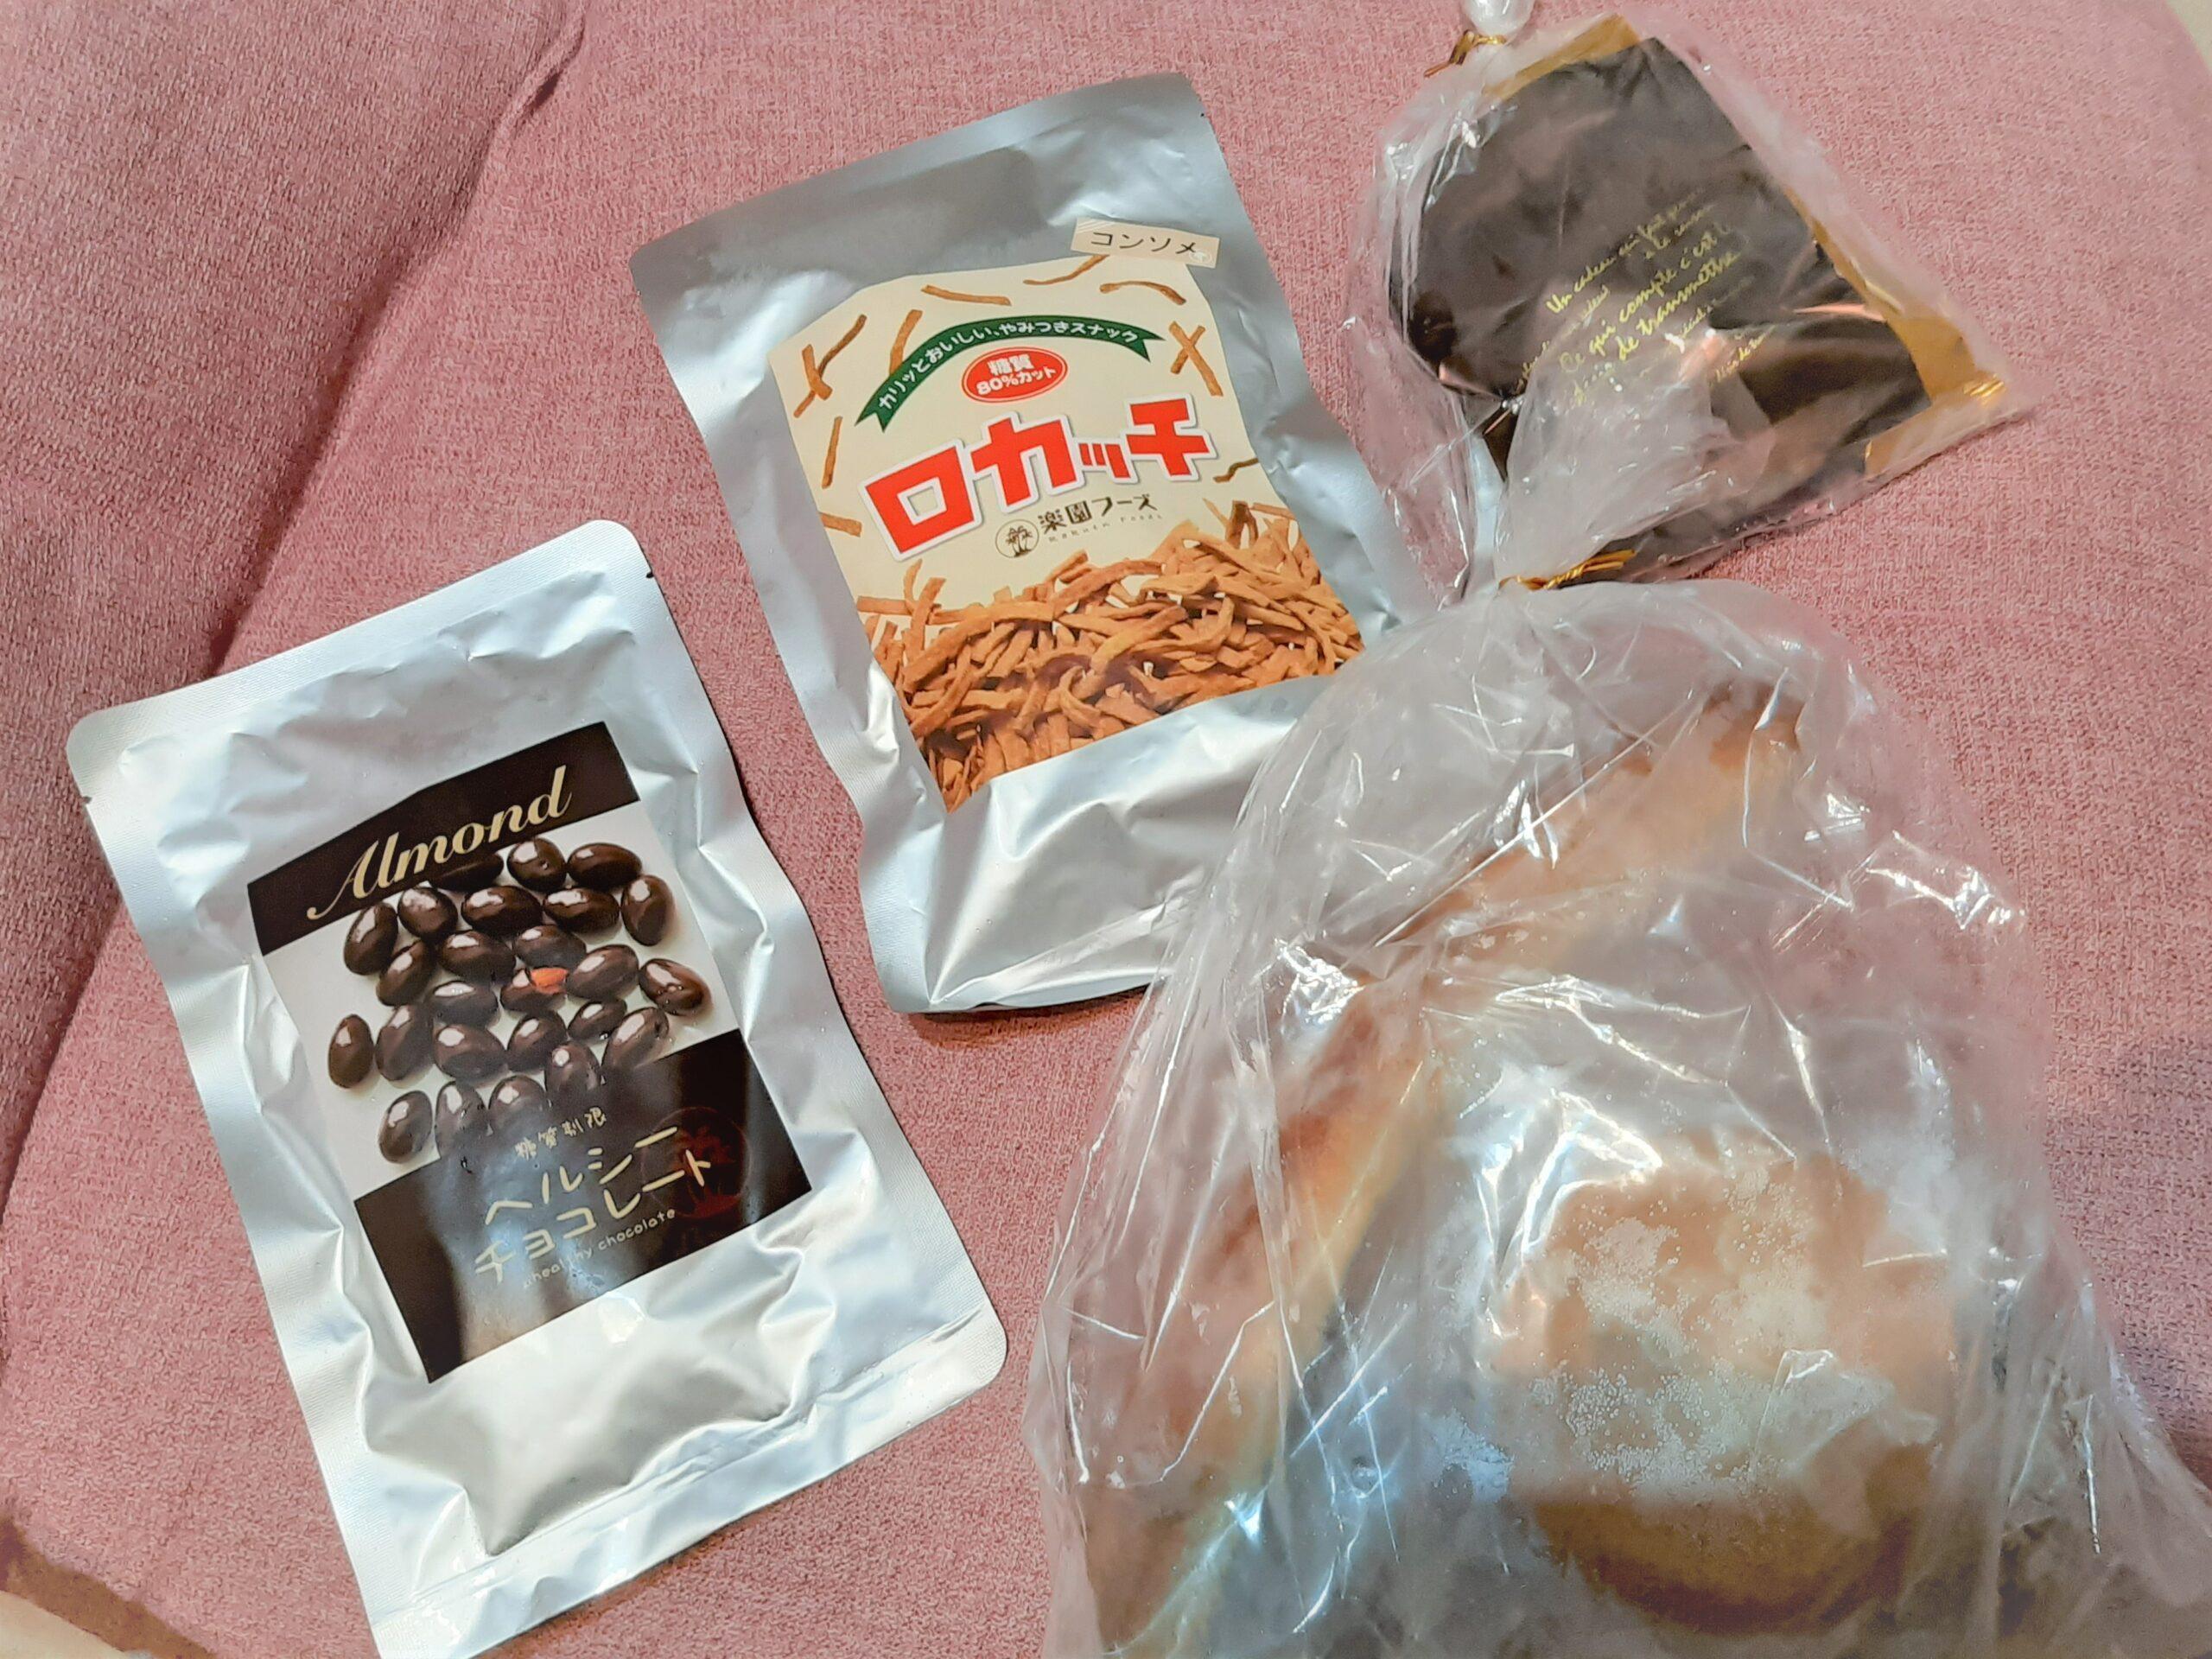 楽園フーズの糖質制限パンとお菓子をレビュー!初回限定セットで購入